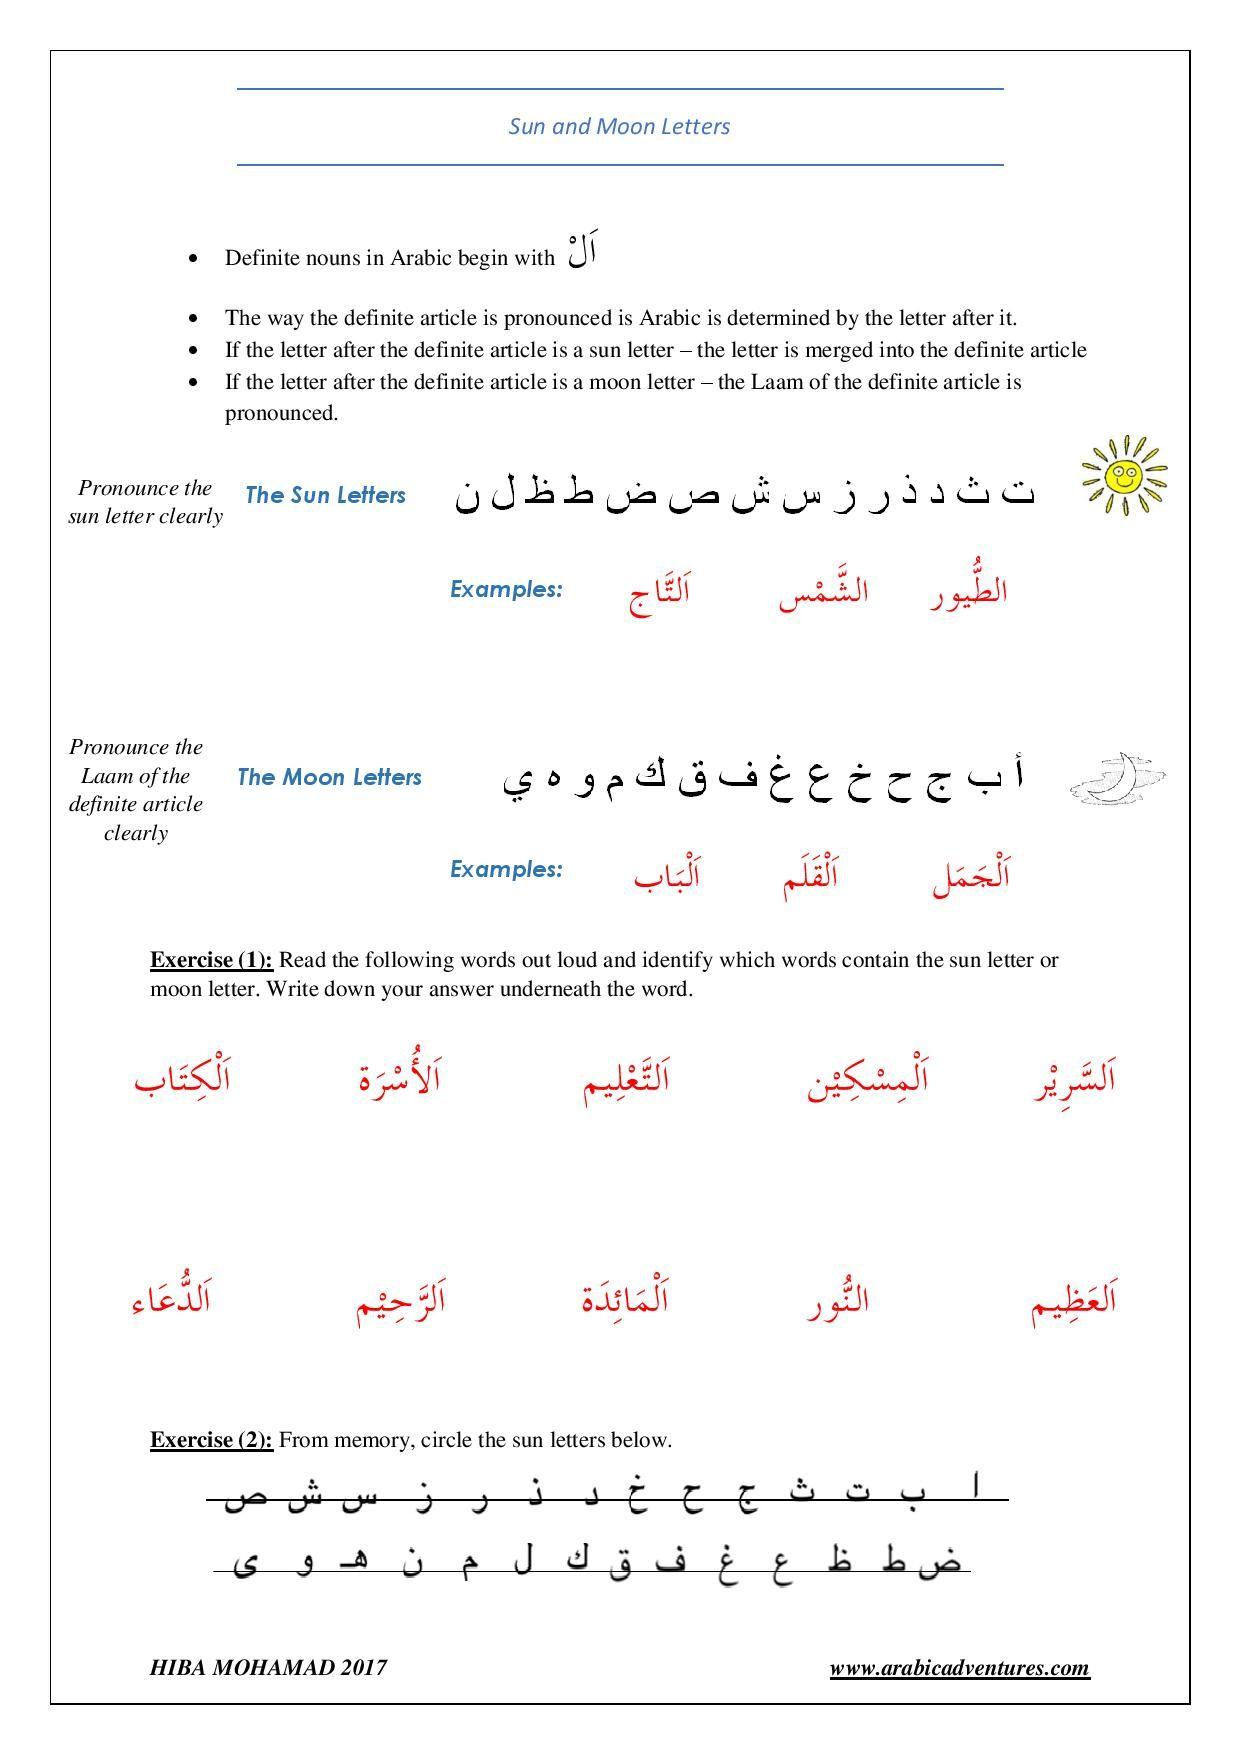 Learning Arabic MSA (#FabienneM) Sun and Moon letters in Arabic worksheet  www.arabicadventures.com   Learning arabic [ 1754 x 1240 Pixel ]